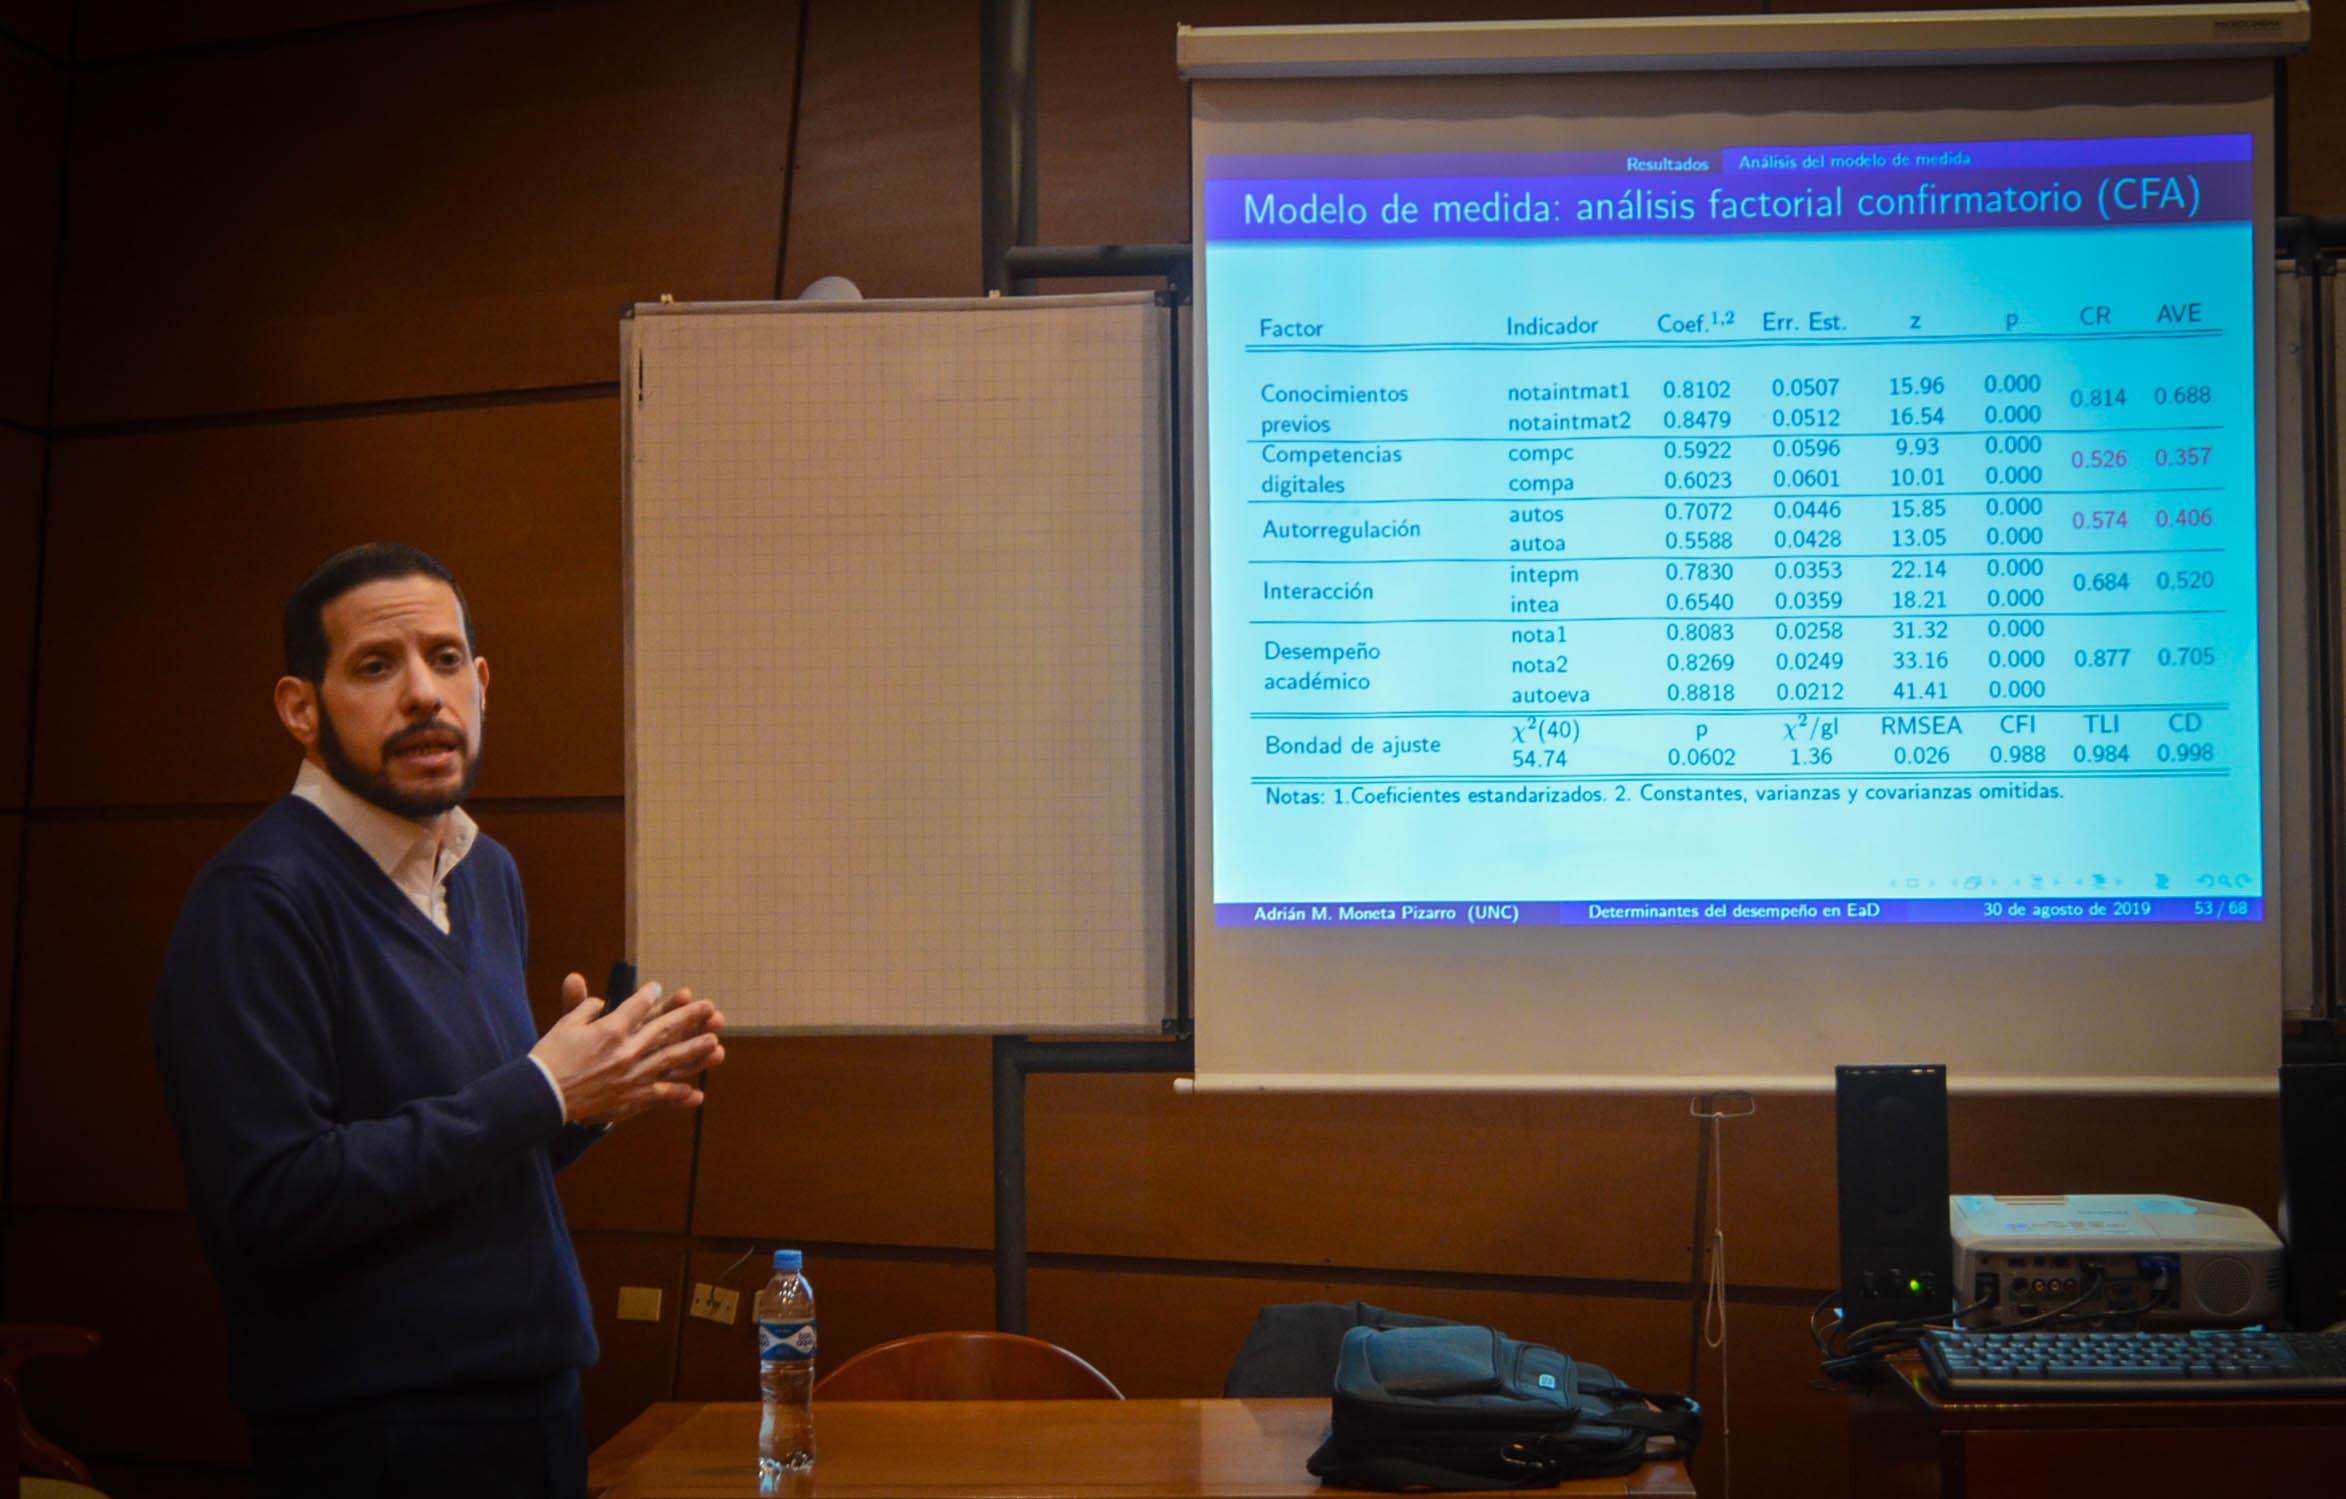 Imagen del profesor Adrián Moneta Pizarro exponiendo su tesis